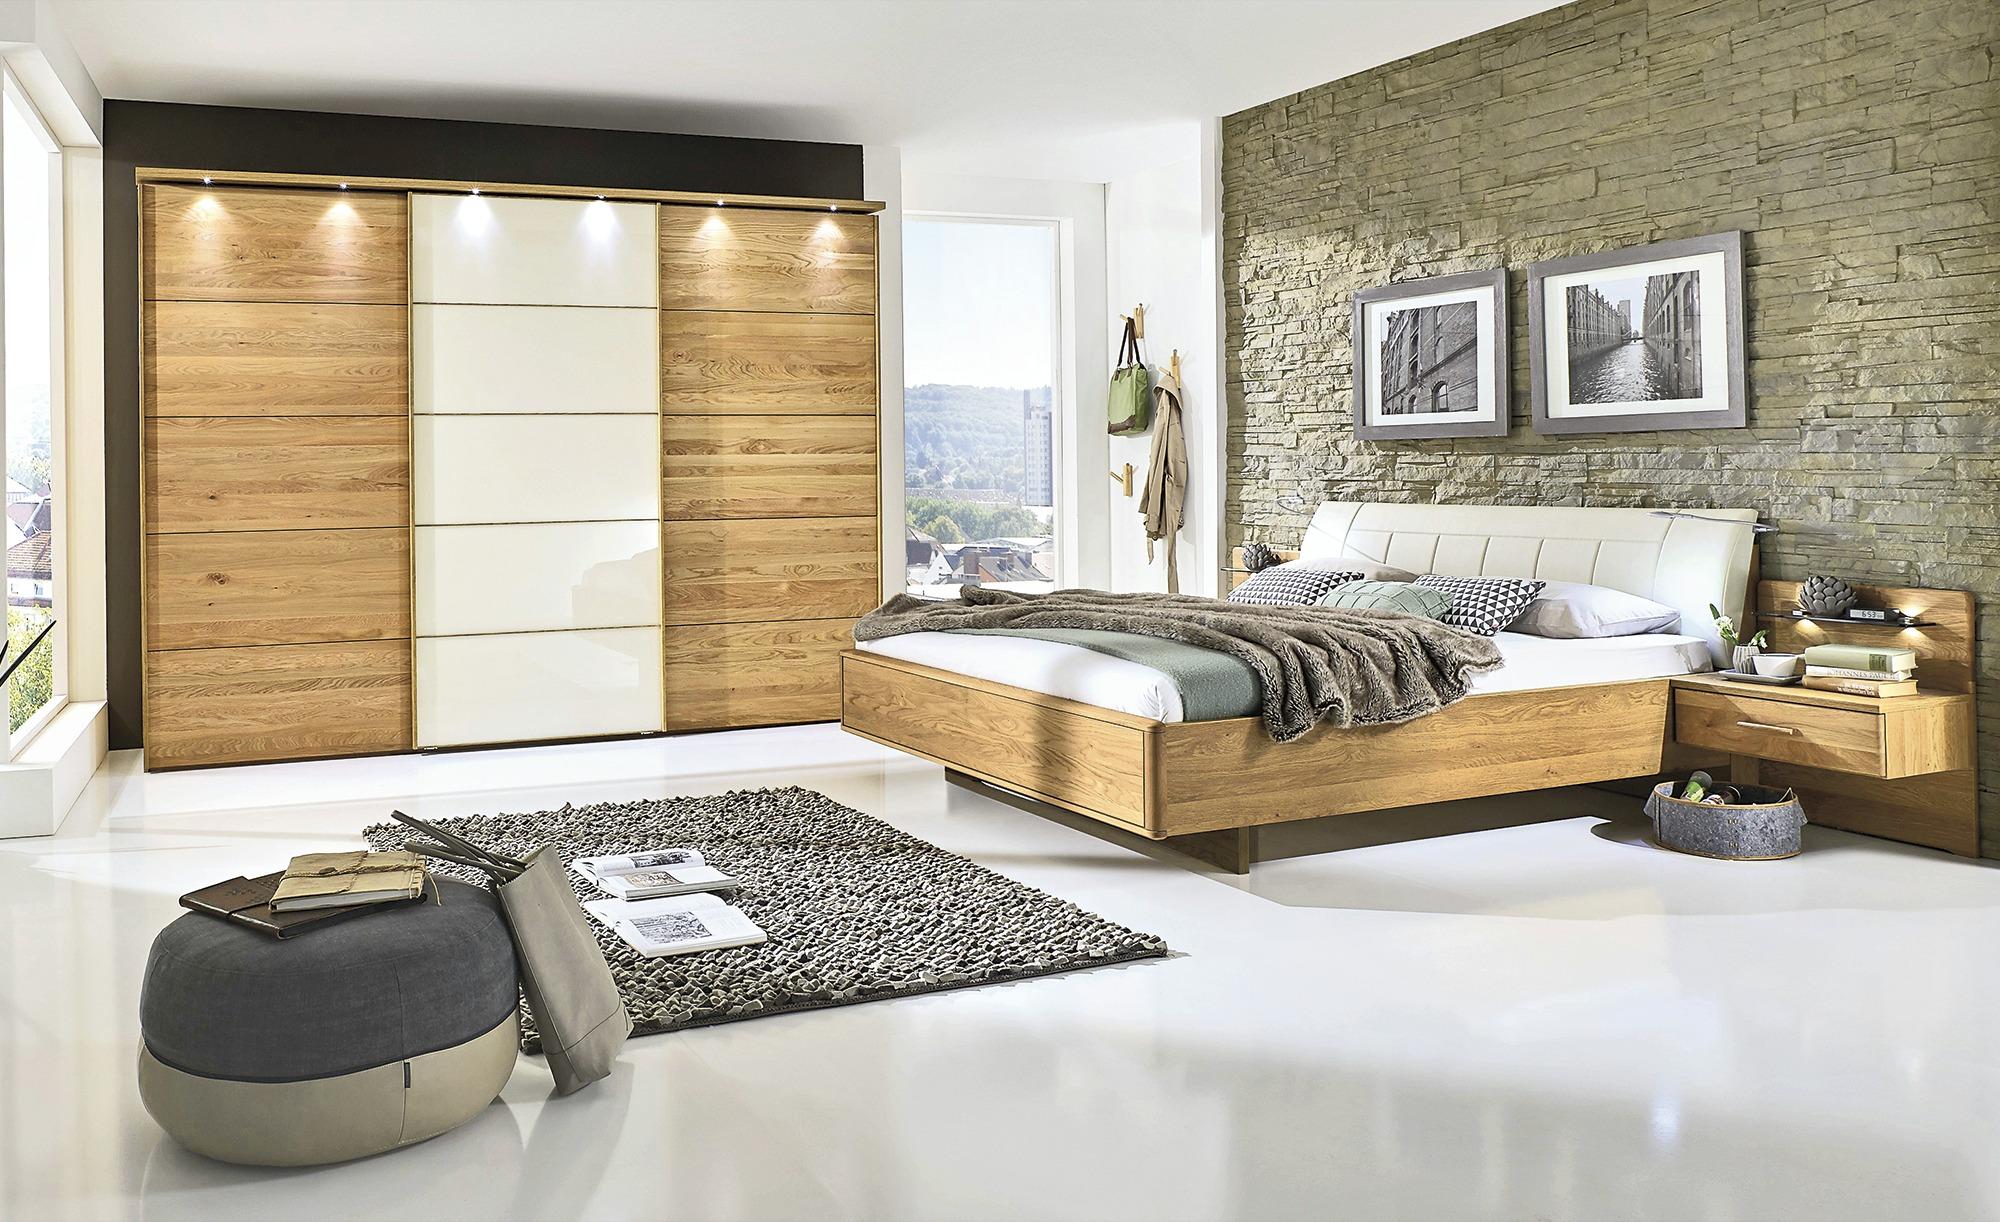 Woodford Schwebeturenschrank Kyran Gefunden Bei Mobel Hoffner In 2020 Schlafzimmer Set Schlafzimmer Komplettes Schlafzimmer